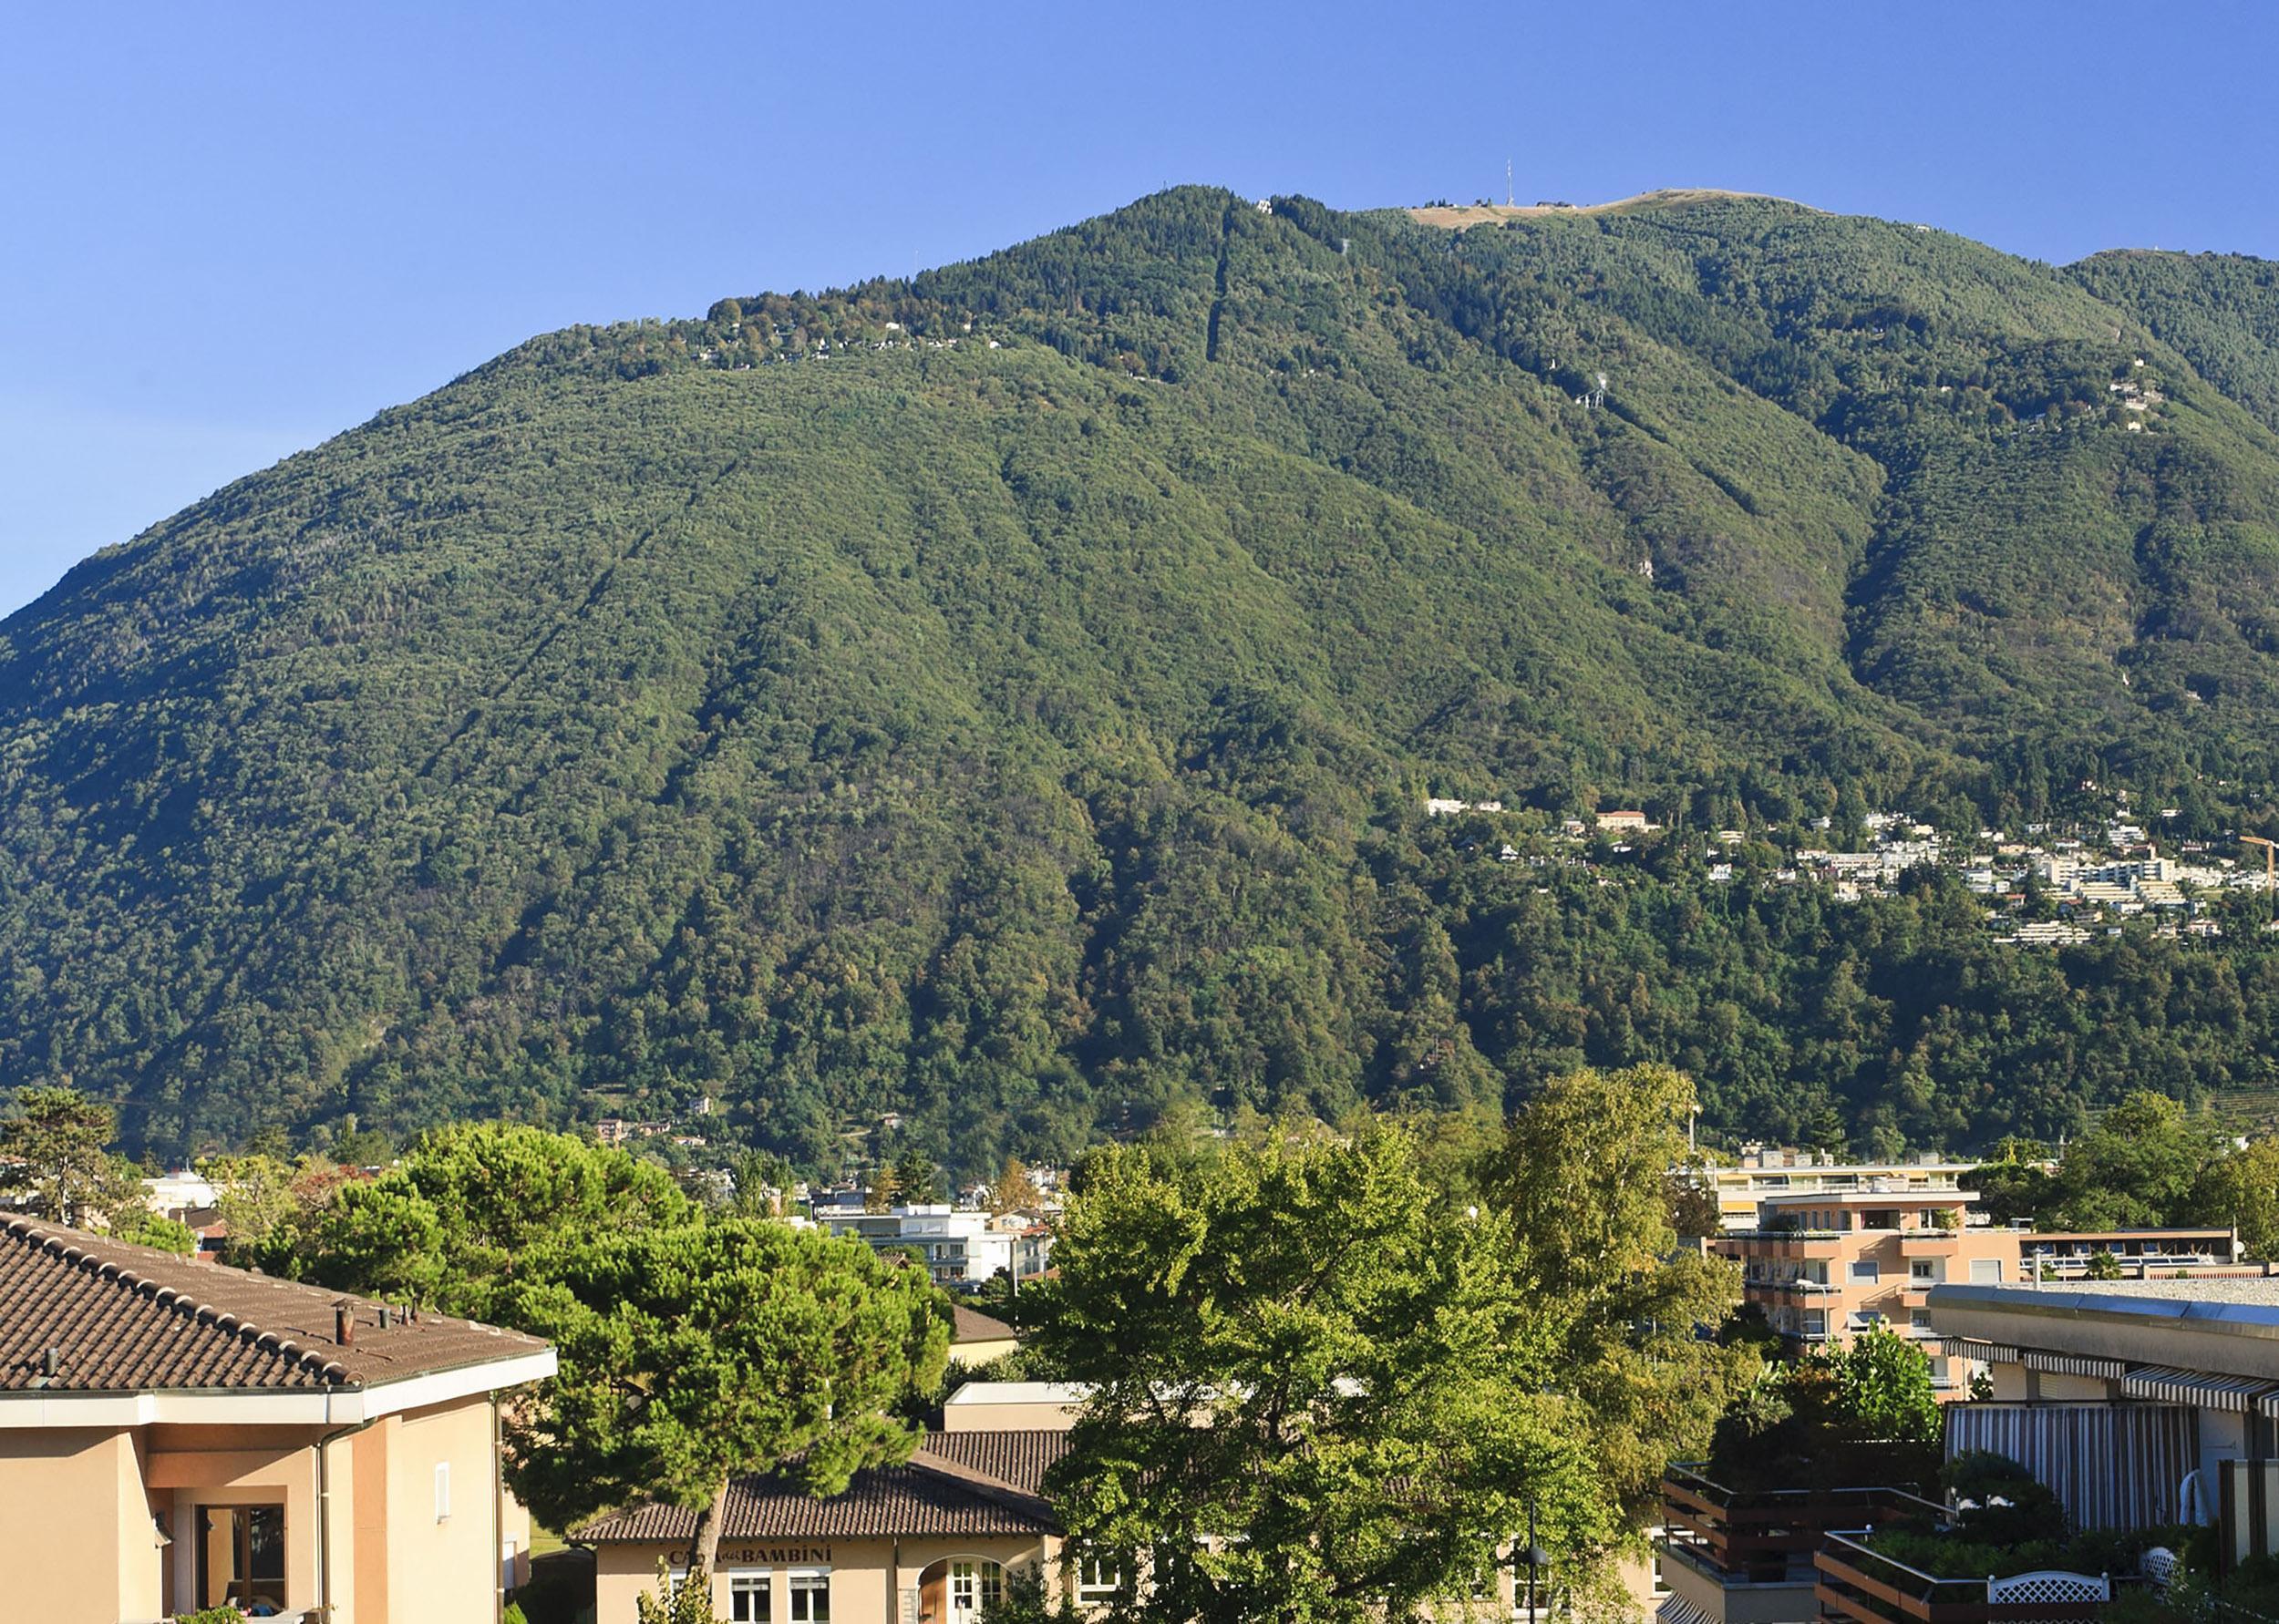 Casa-Michele-Ascona-11-web